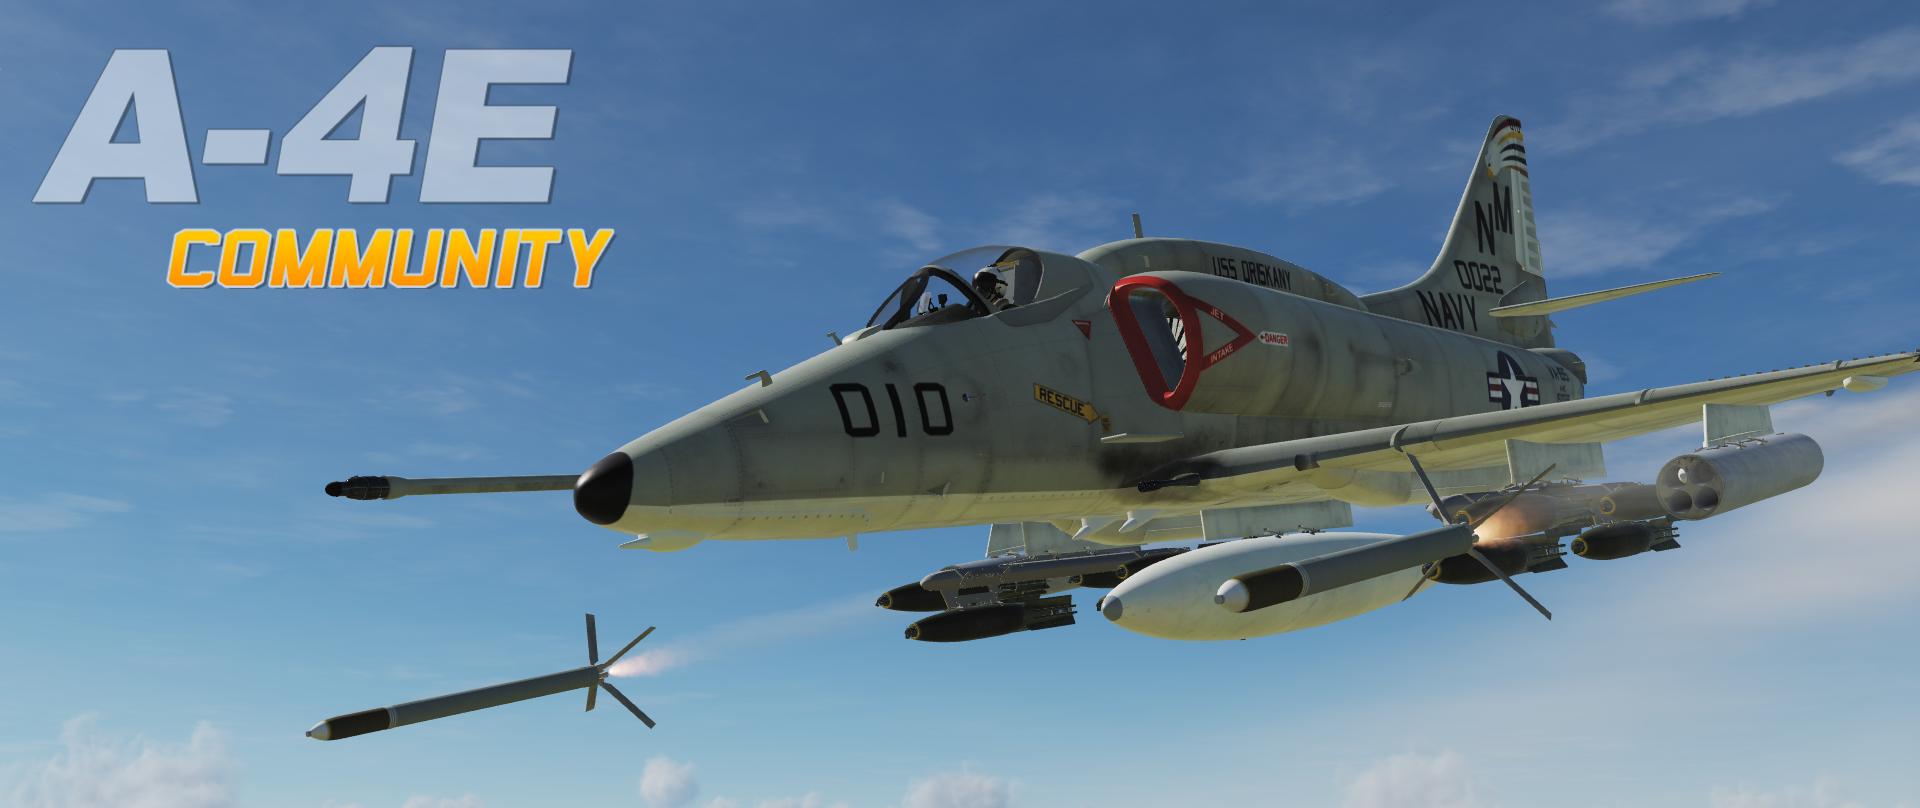 A-4E Community